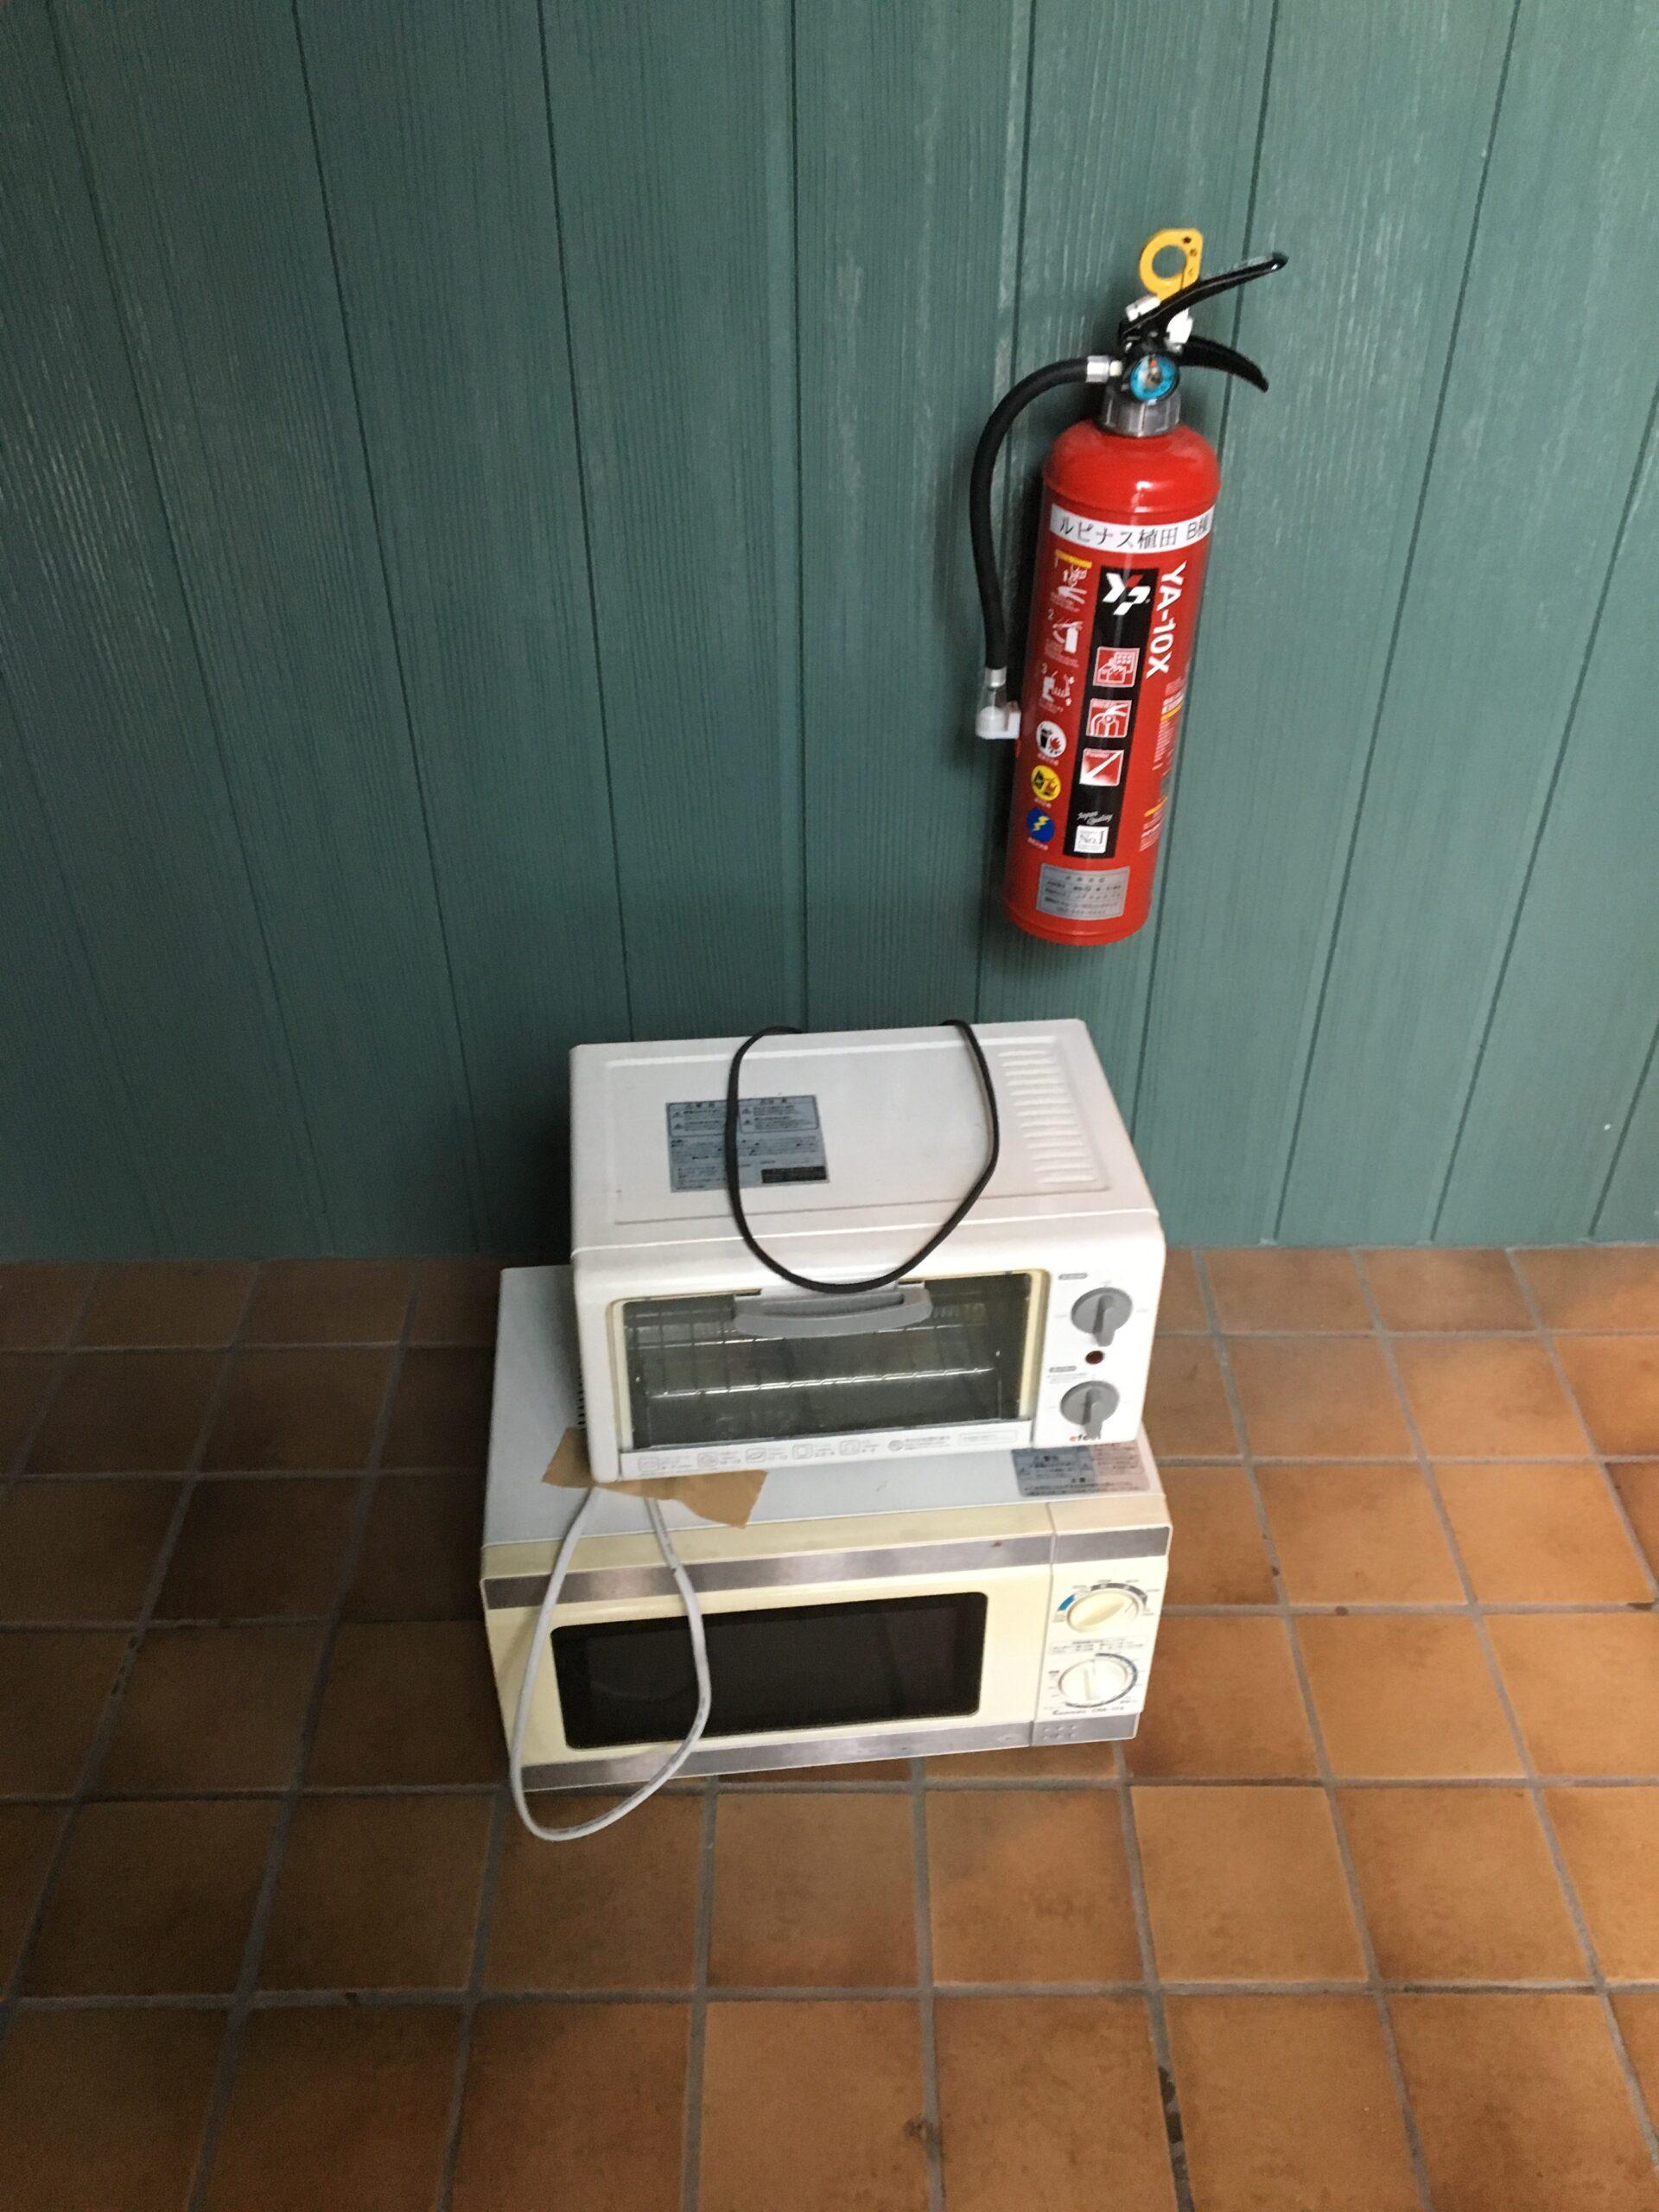 電子レンジ・トースターの回収